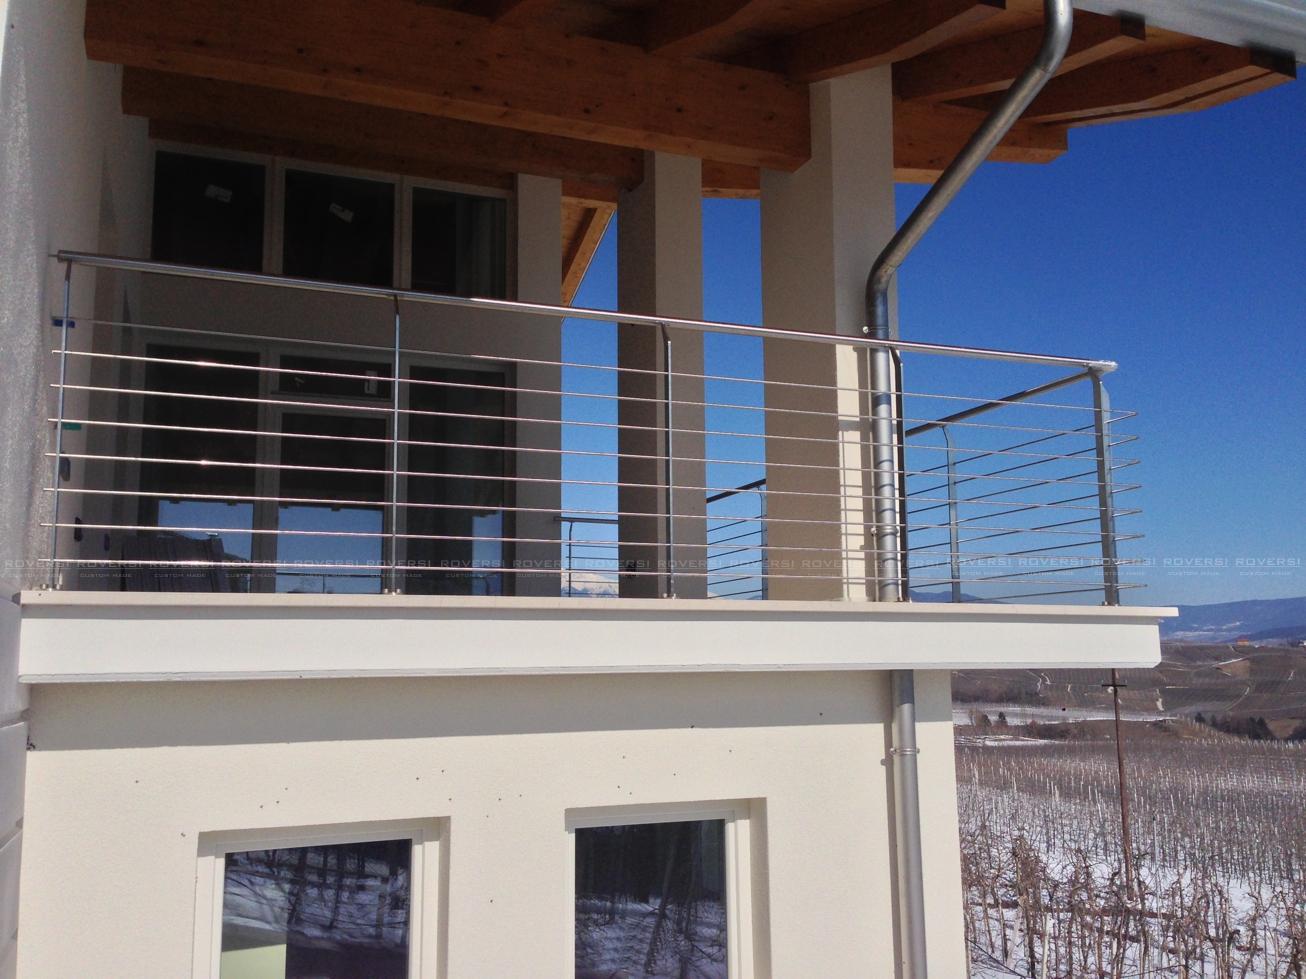 ringhiera balcone esterno acciaio inox val di non - Il Blog di ...